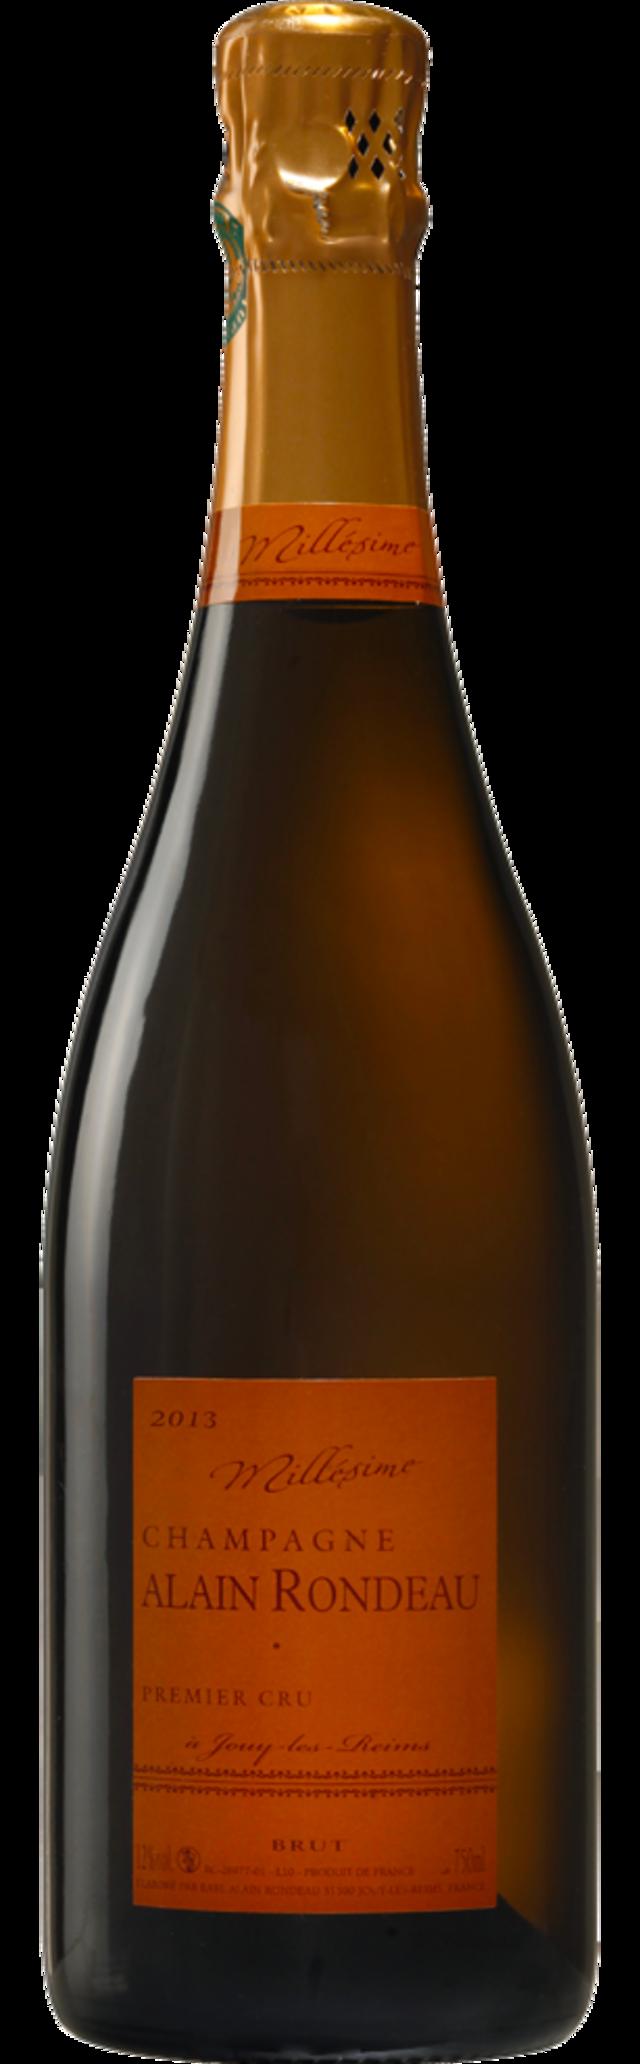 Bouteille de Champagne Cuvée Millésime 2013 Vieilles Vignes